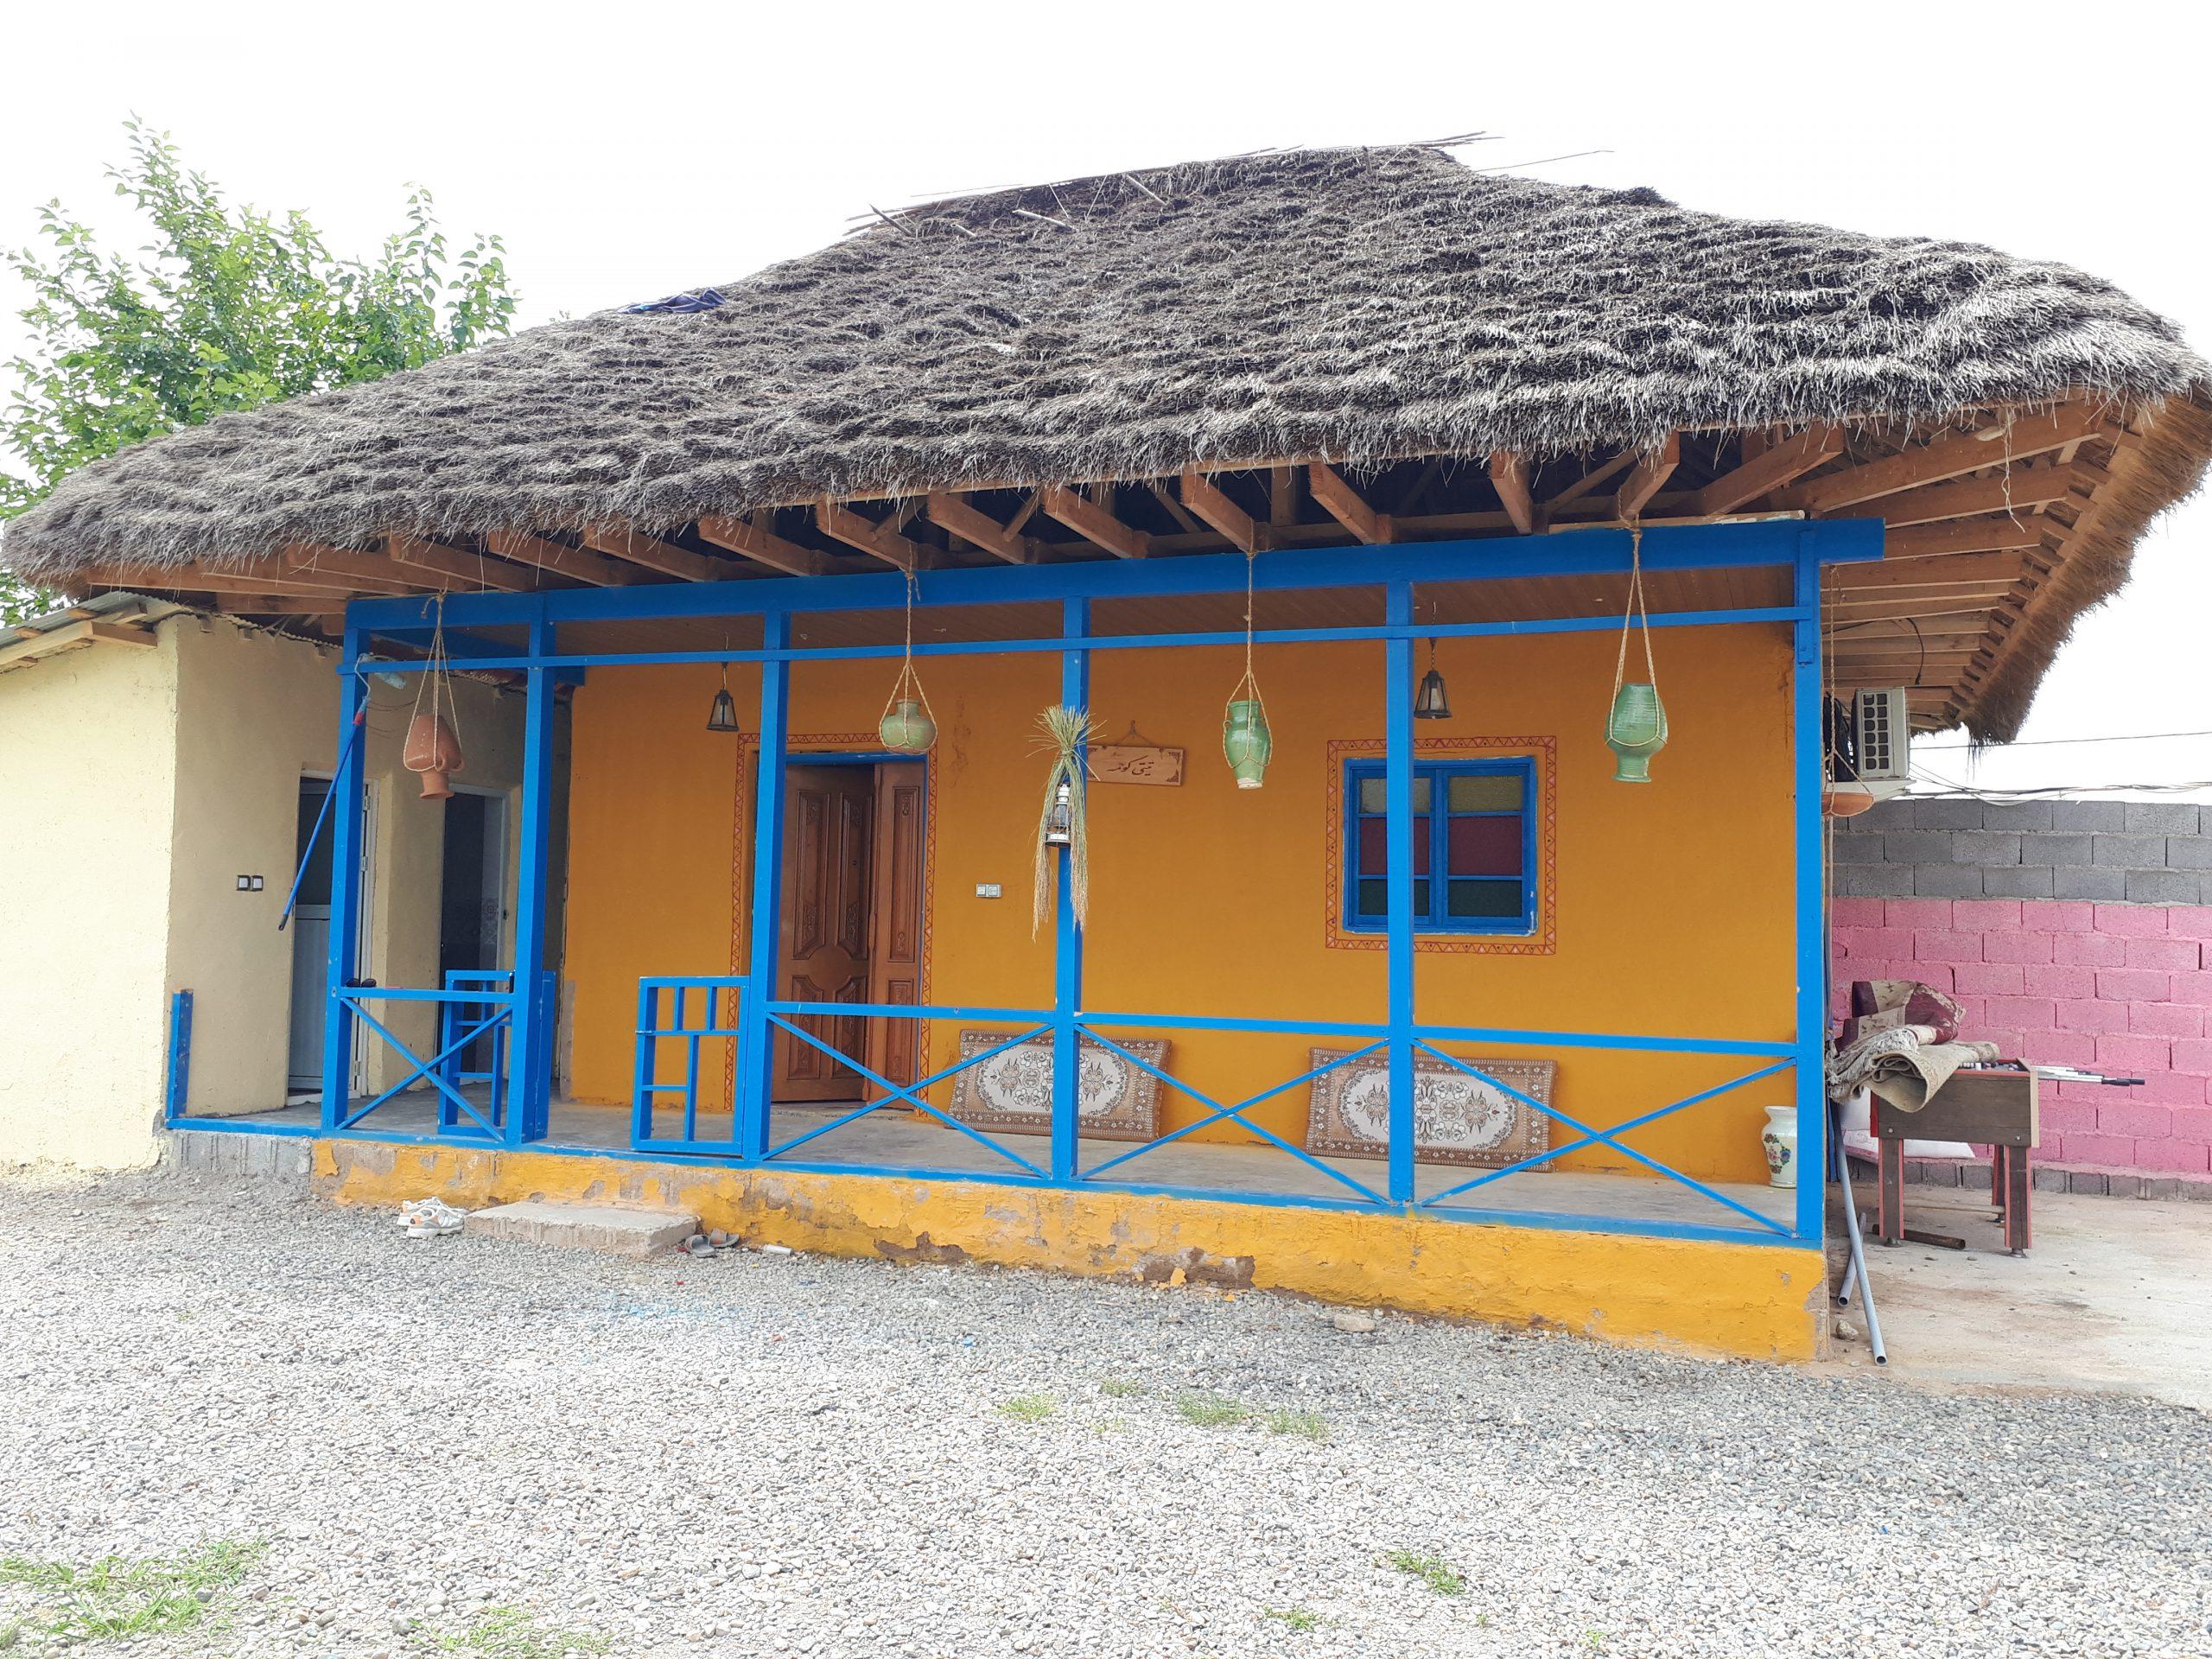 ویلا روستایی یادگار و کلبه سنتی تی تی کومه